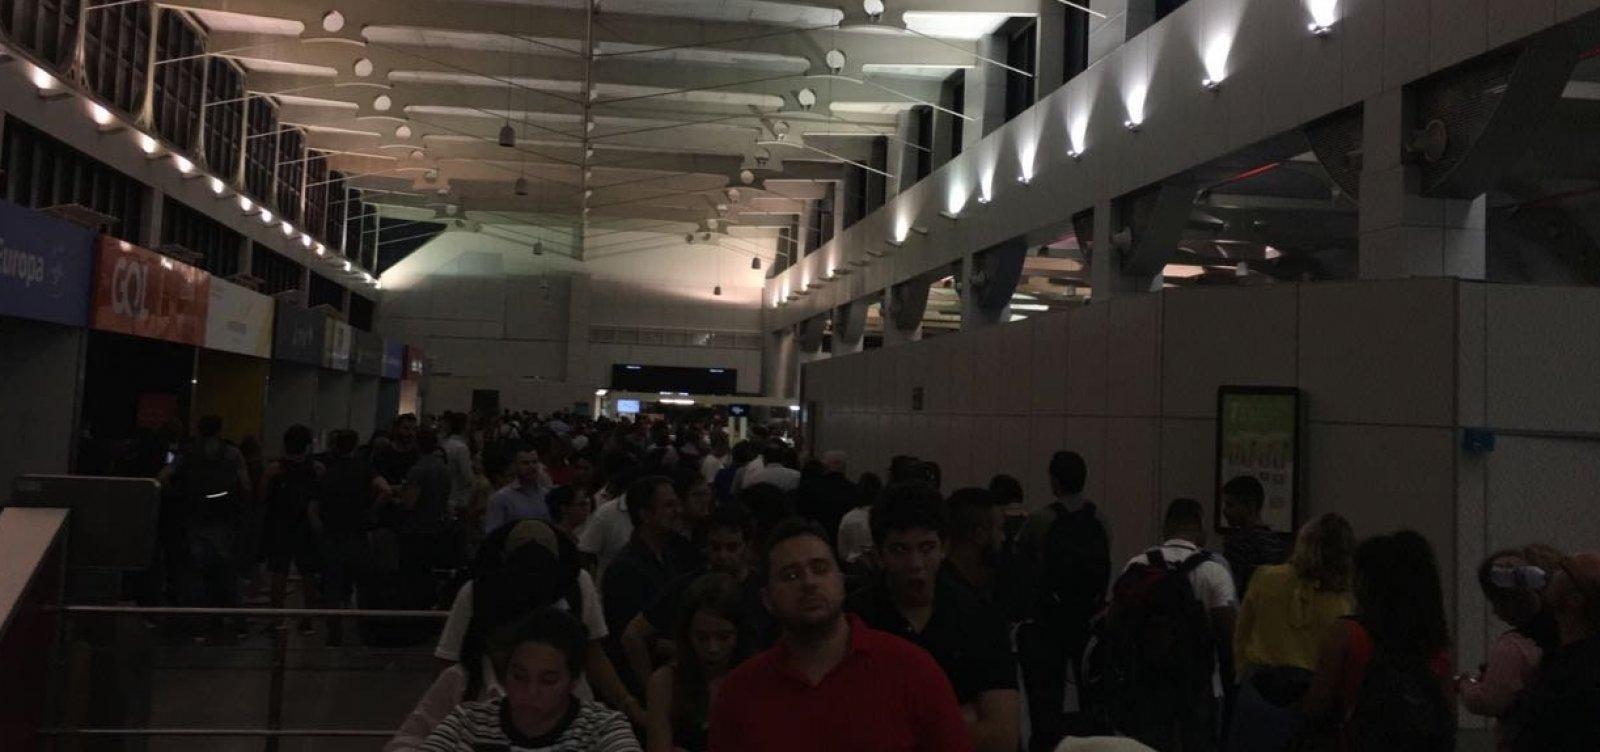 Queda de luz no aeroporto atrasou 17 voos; Vinci diz mobilizar 'toda equipe' para normalizar operação